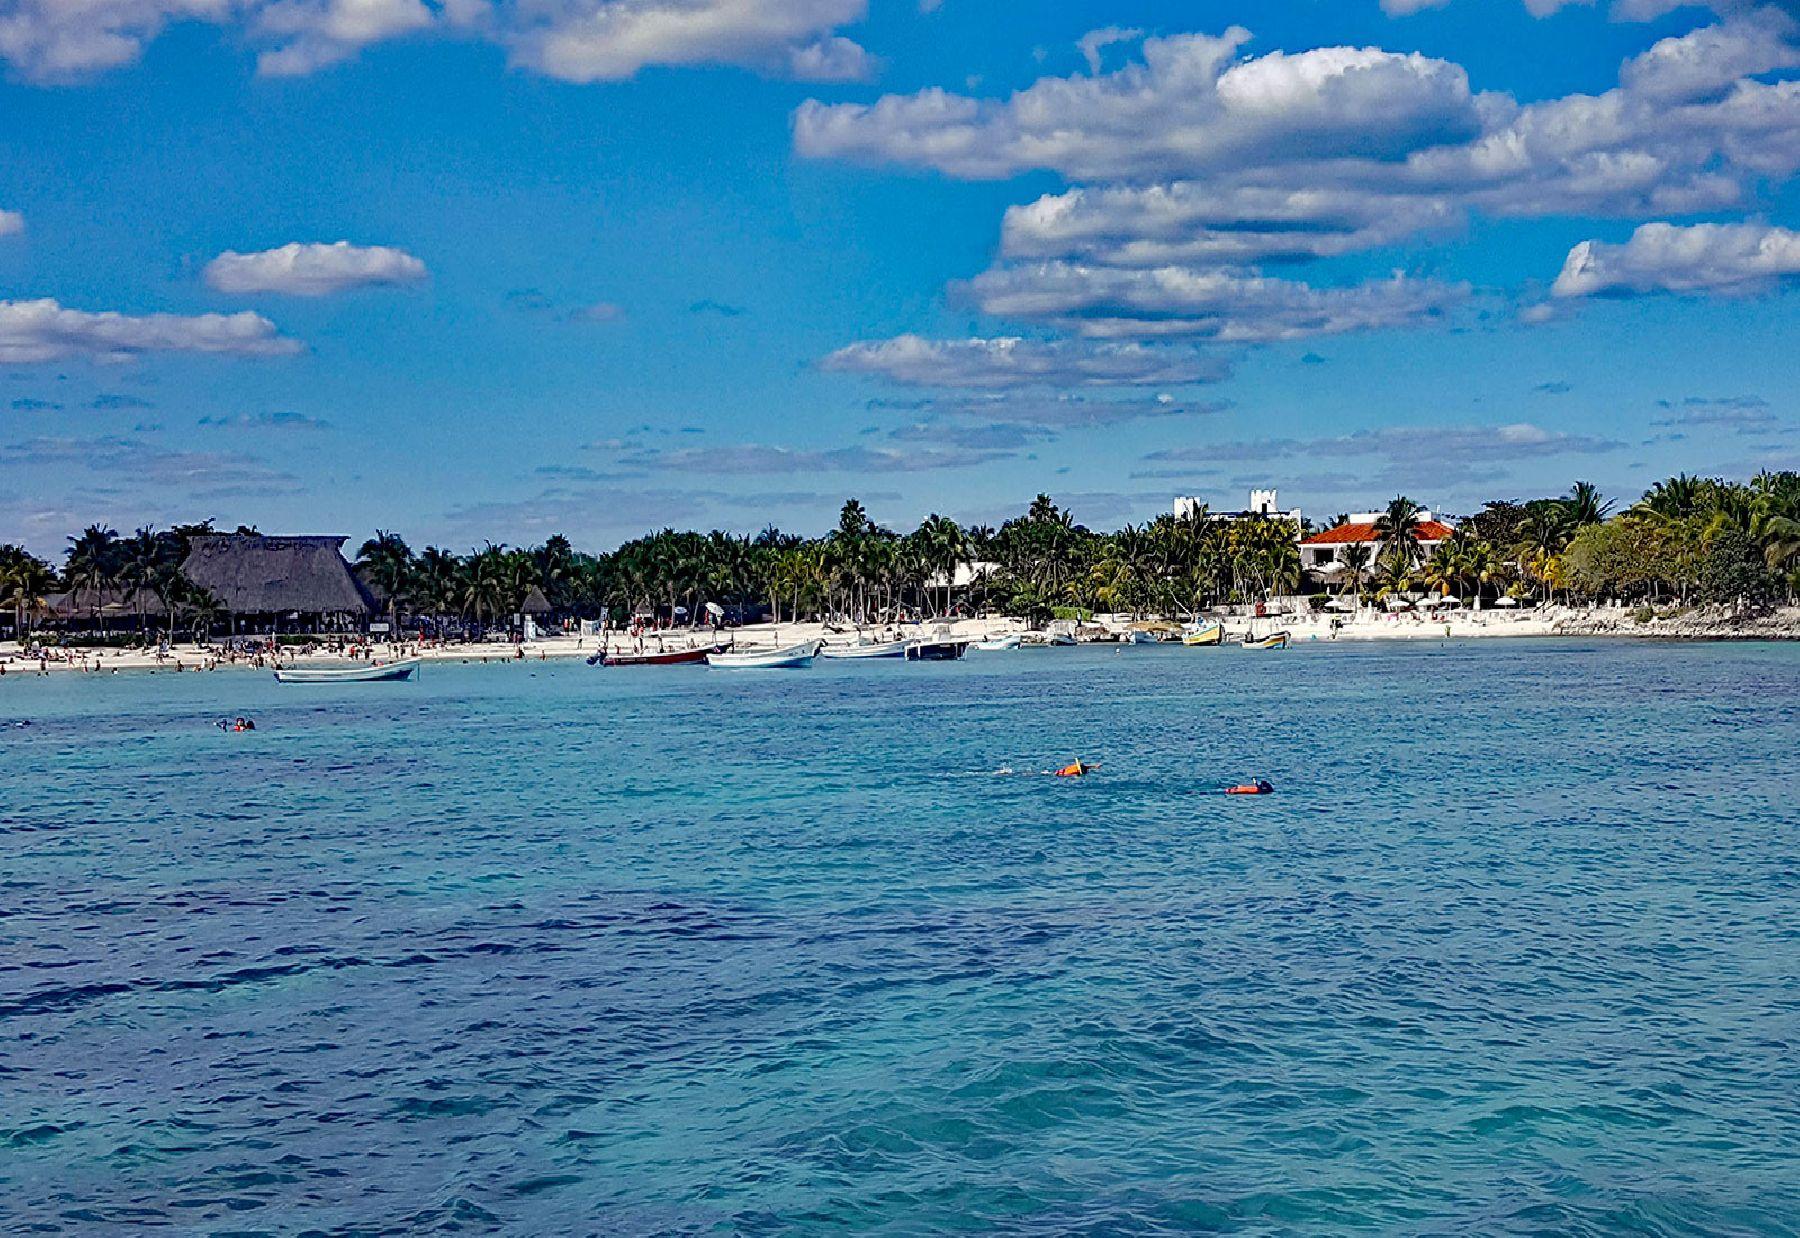 Akumal Vacation Condo Rentals, Akumal Beach Luxury Villa Rentals, Vacation Home Rentals In Akumal Mexico, Half Moon Bay Vacation Rentals, Beachfront Caribbean Vacation Rentals, Akumal Vacation Villa For Rent Mexico